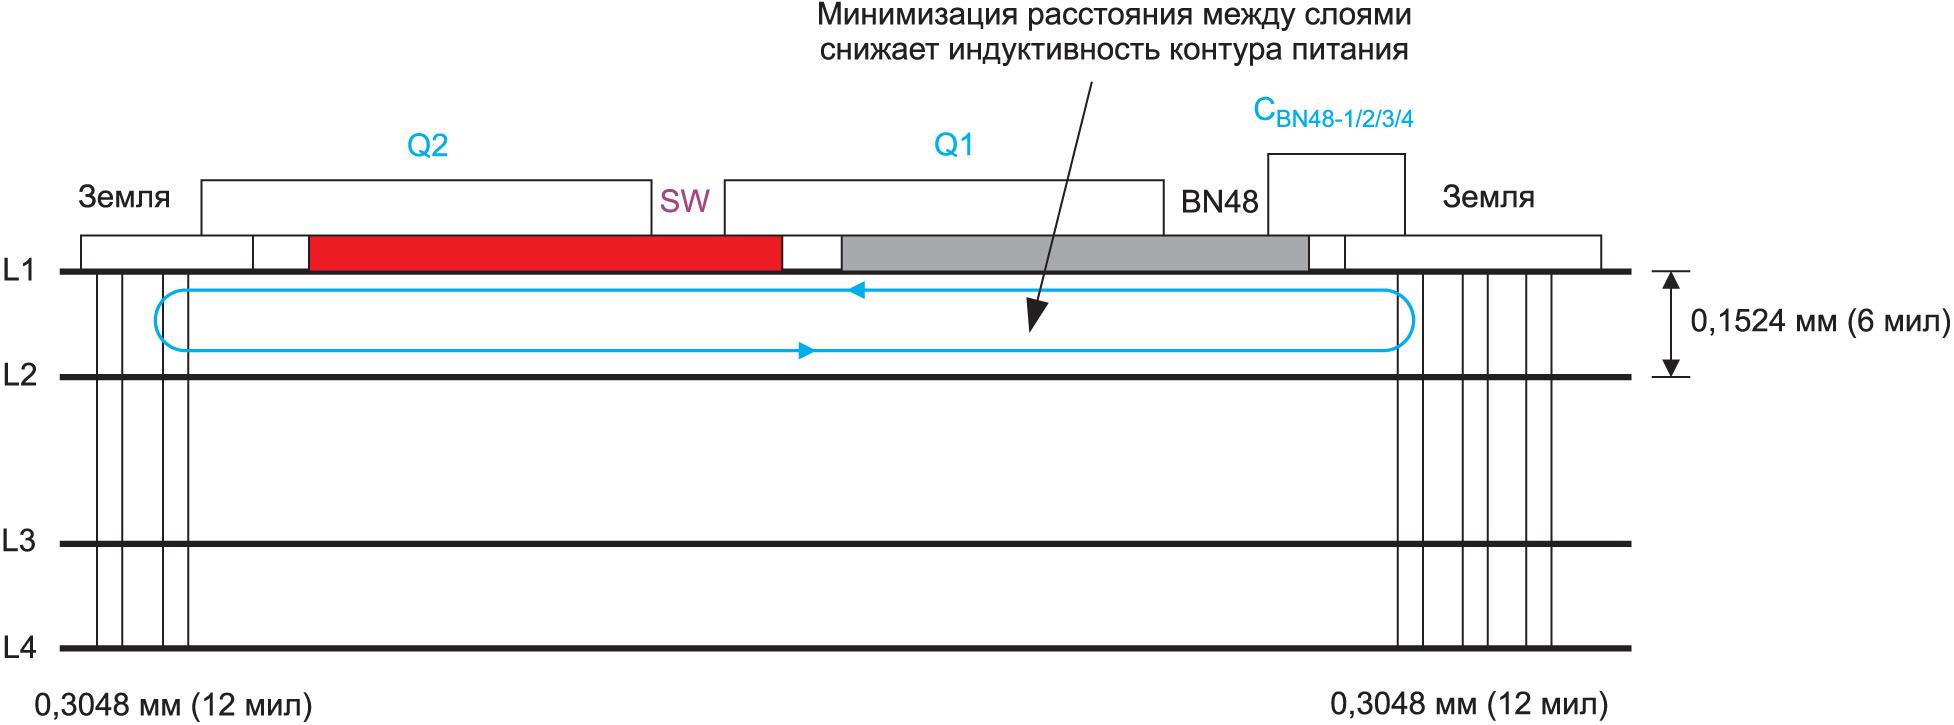 Вид сбоку на печатную плату с топологией, показанной на рис. 5. На рисунке представлена четырехслойная печатная плата с оптимизированной площадью контура между слоями 1 и 2